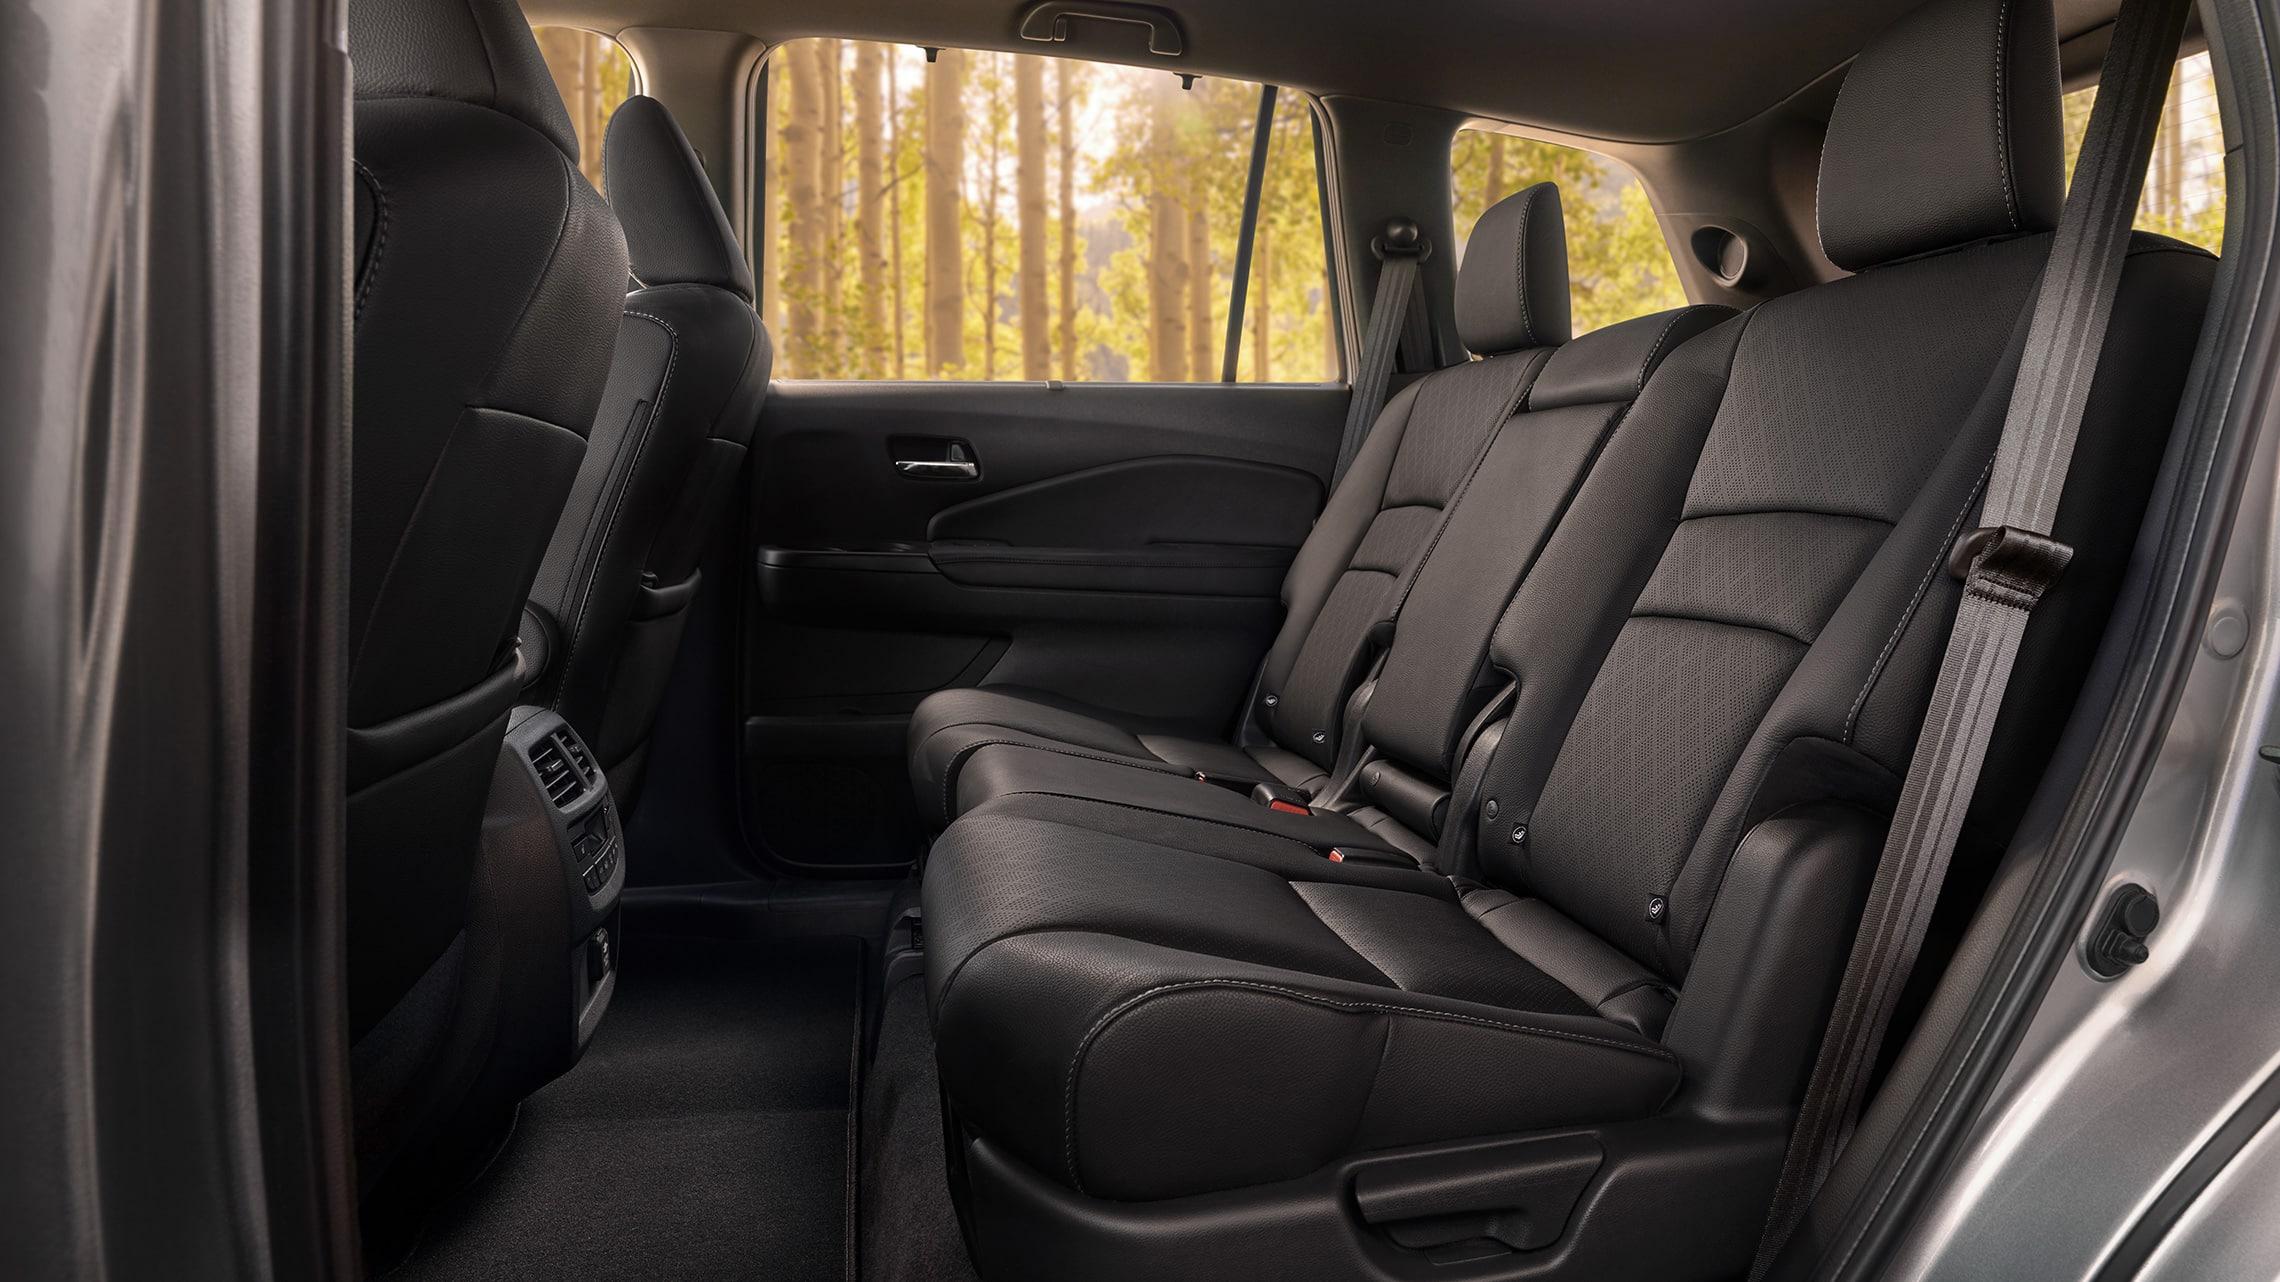 Interior trasero de la Honda Passport Elite2020 en Black Leather mostrando asientos de segunda fila espaciosos.